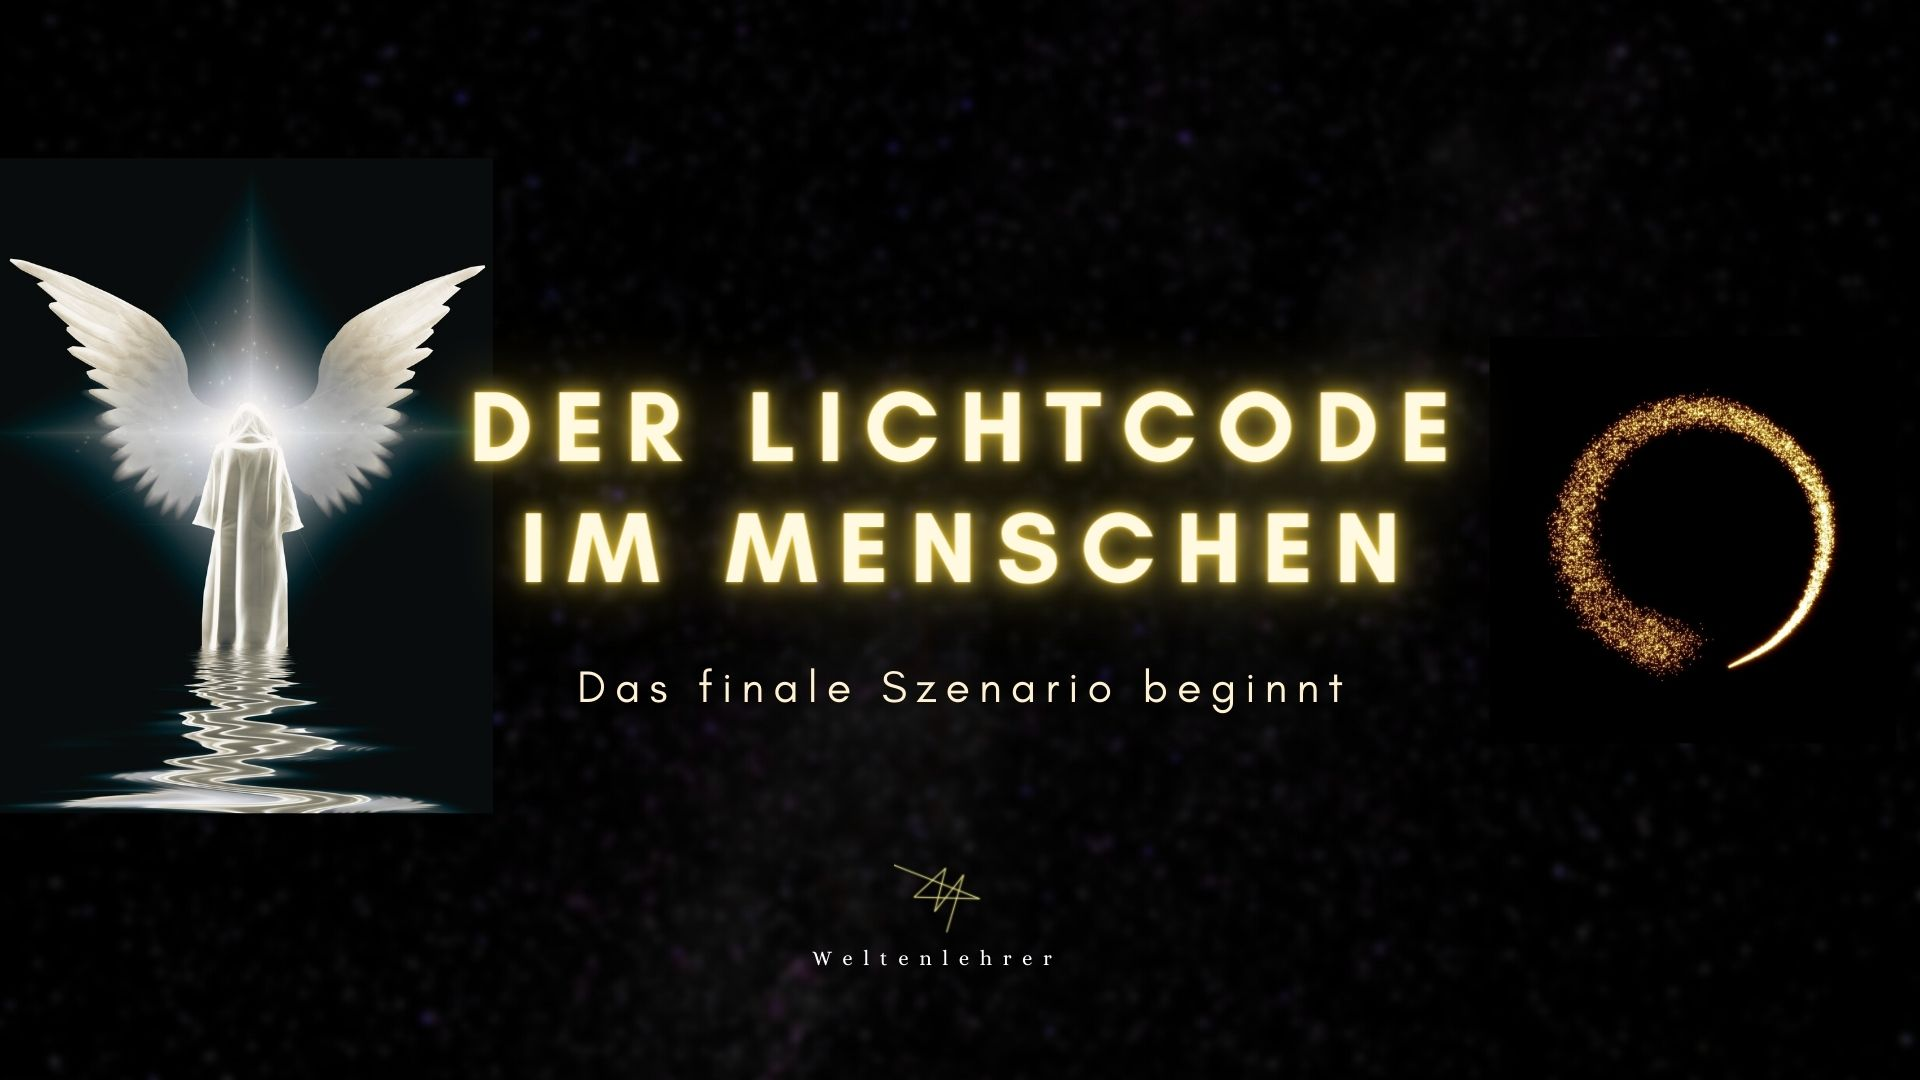 Der Lichtcode im Menschen - das finale Szenario beginnt.